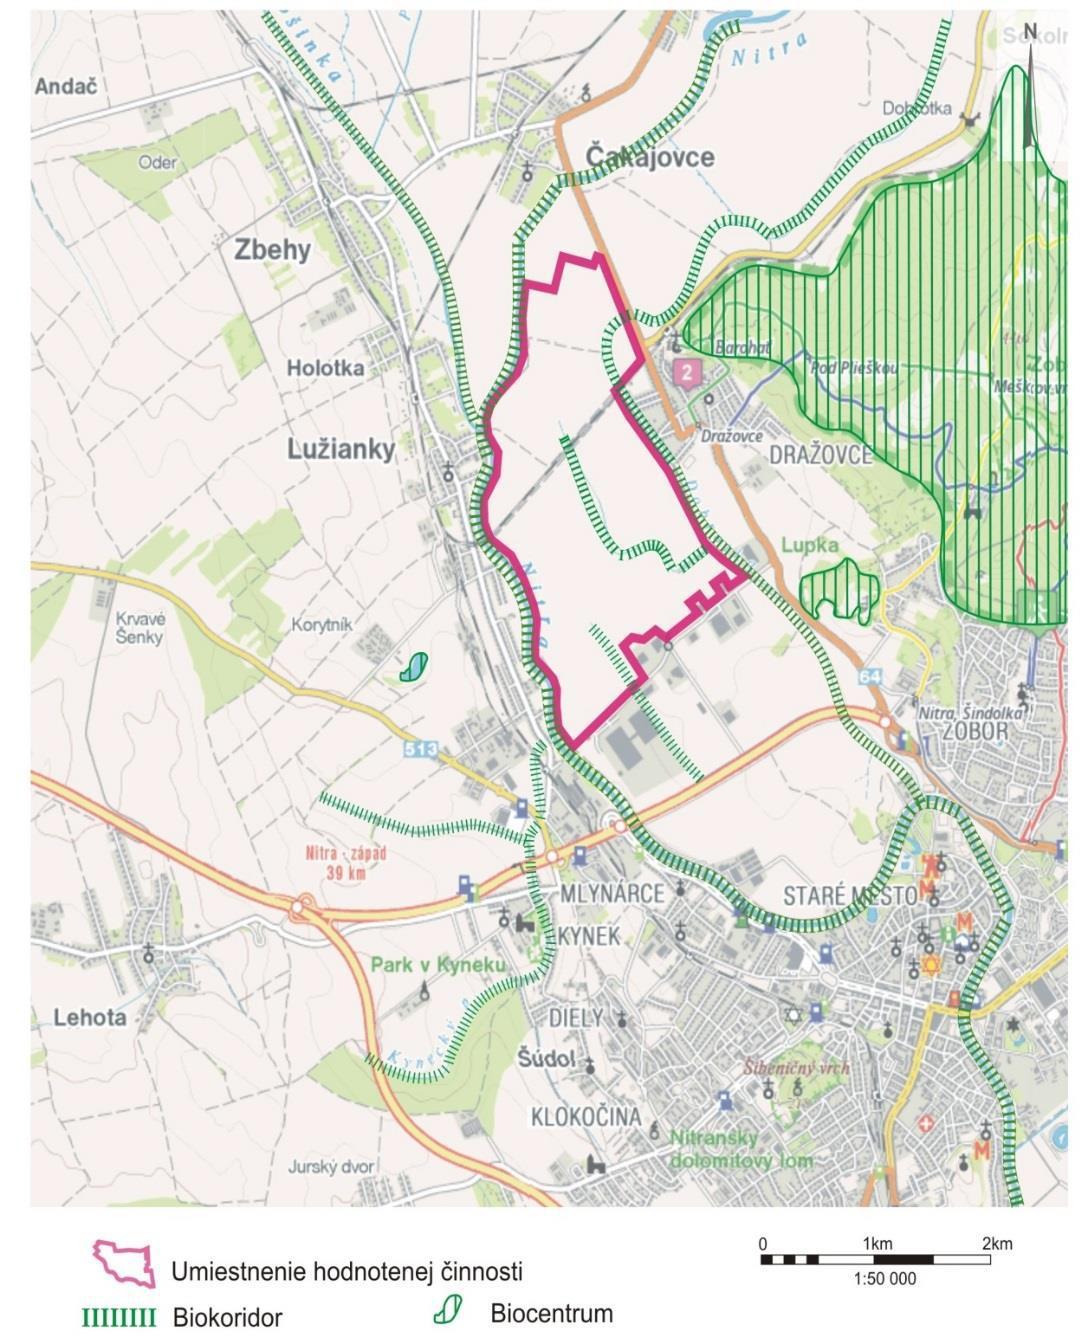 Mapa Luzianky - Drazovce